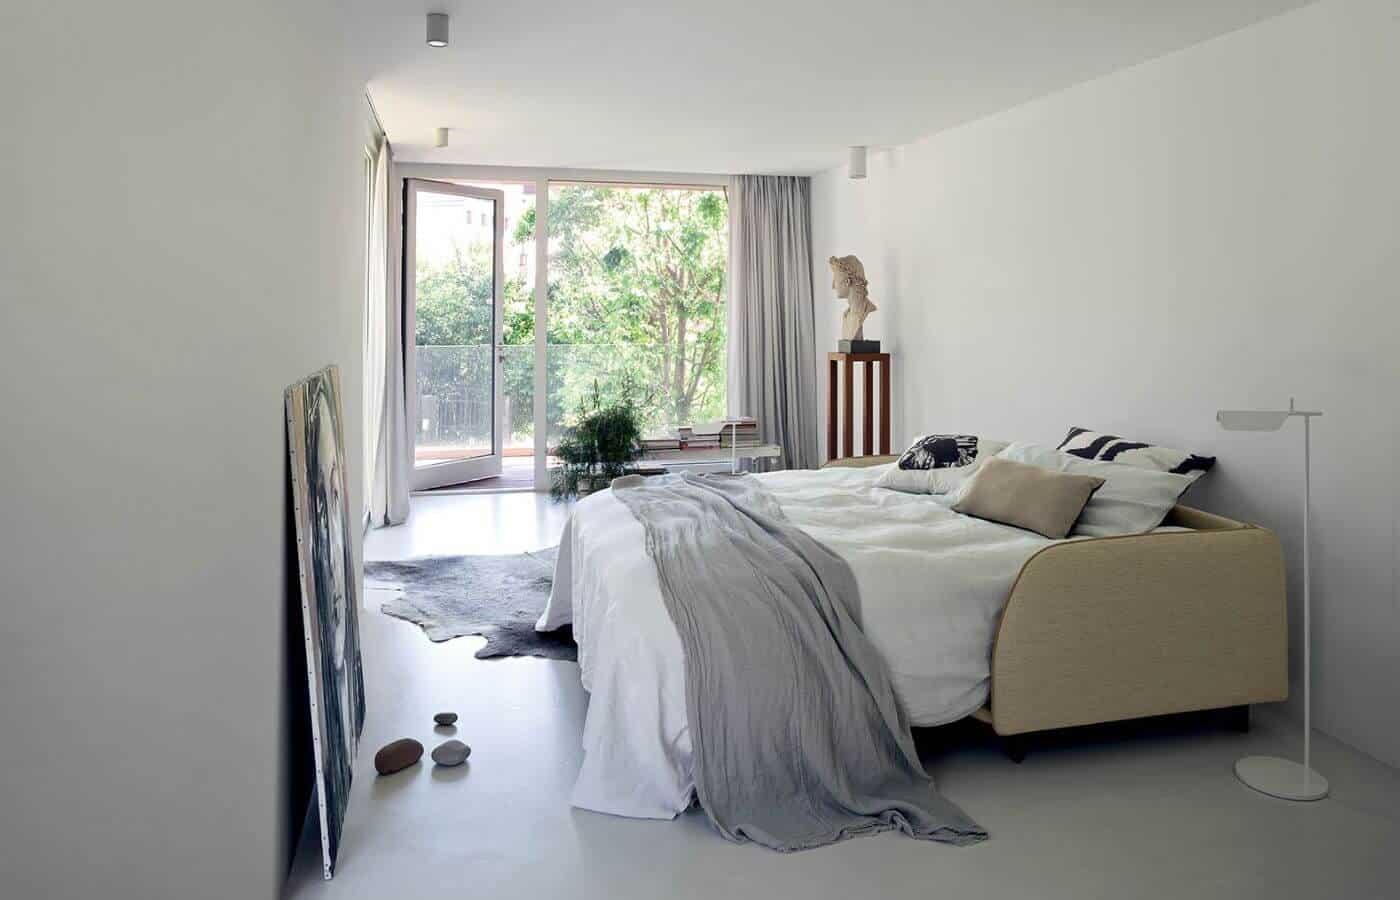 divani-letto-collezione-kos-il-mobile (1)